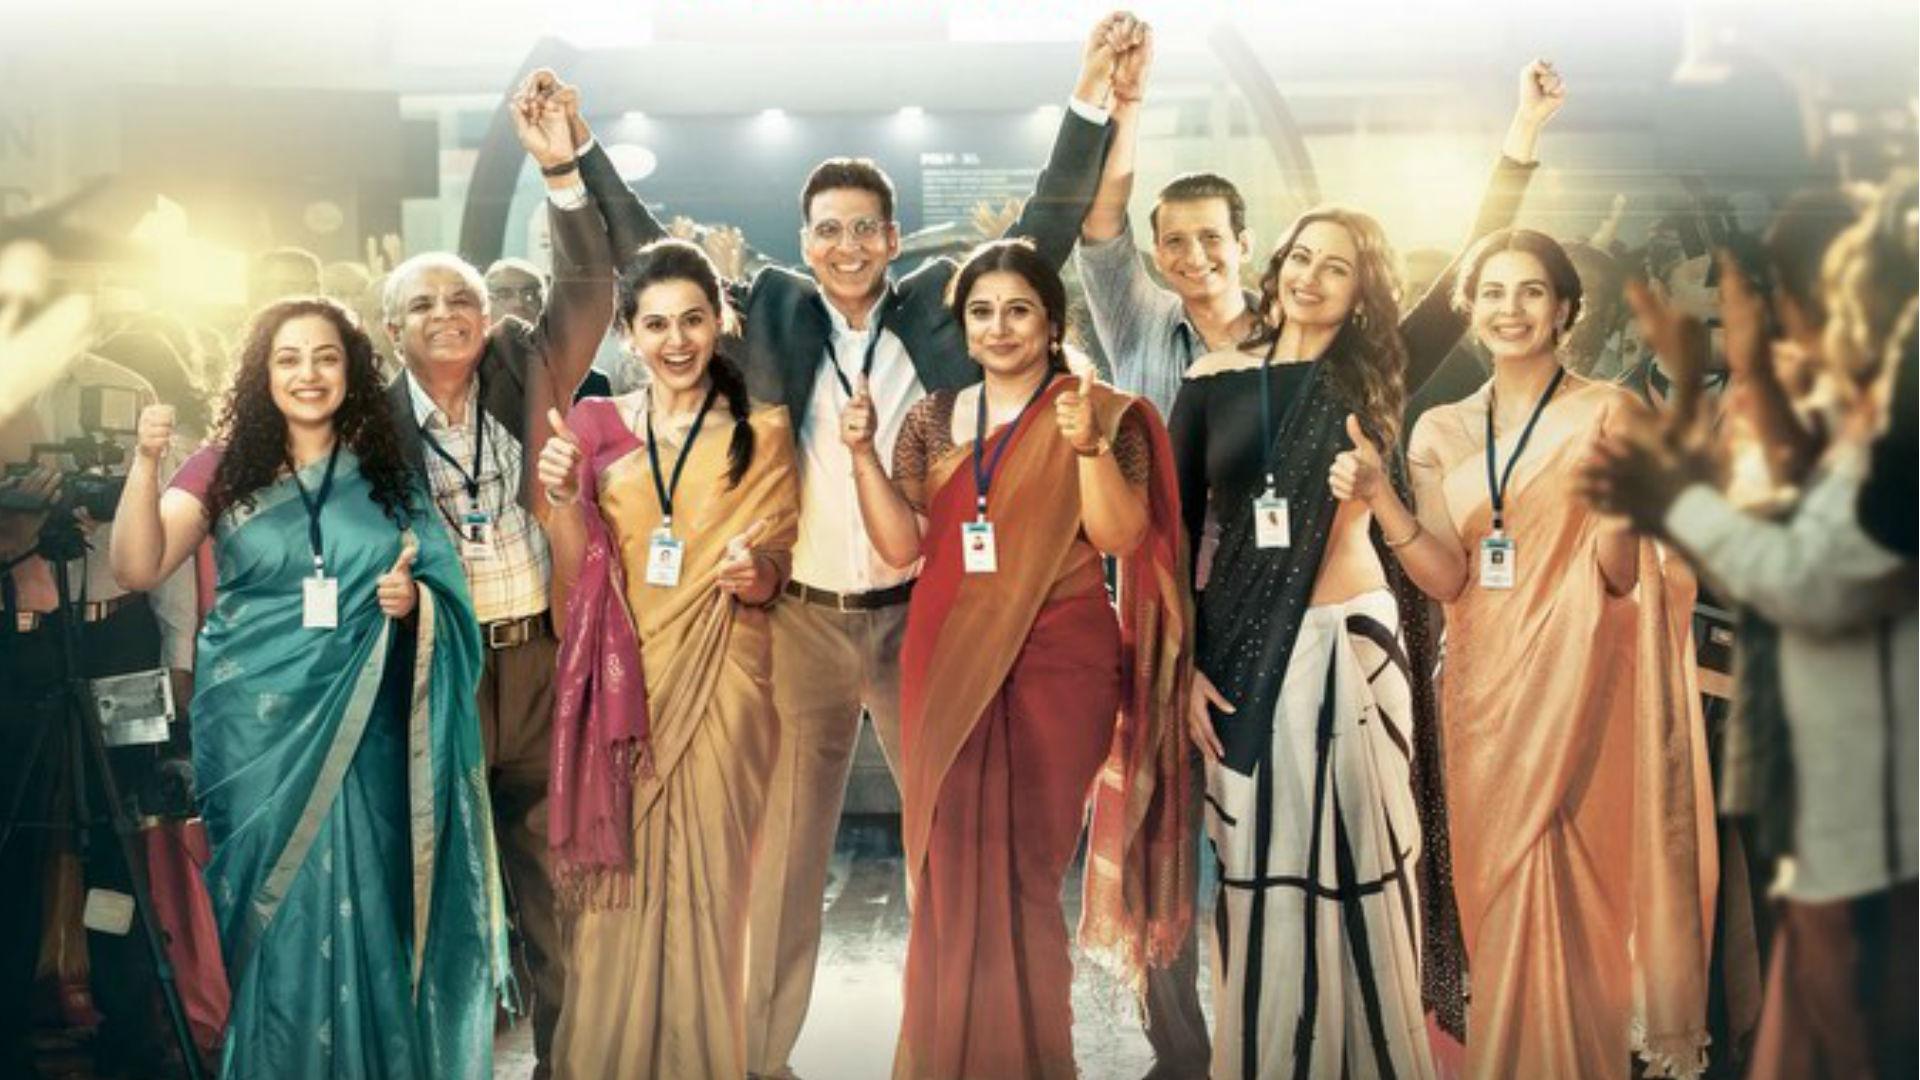 200 करोड़ी क्लब में शामिल होने वाली इस साल की चौथी फिल्म बनी मिशन मंगल, कमा चुकी है इतने करोड़ रुपये